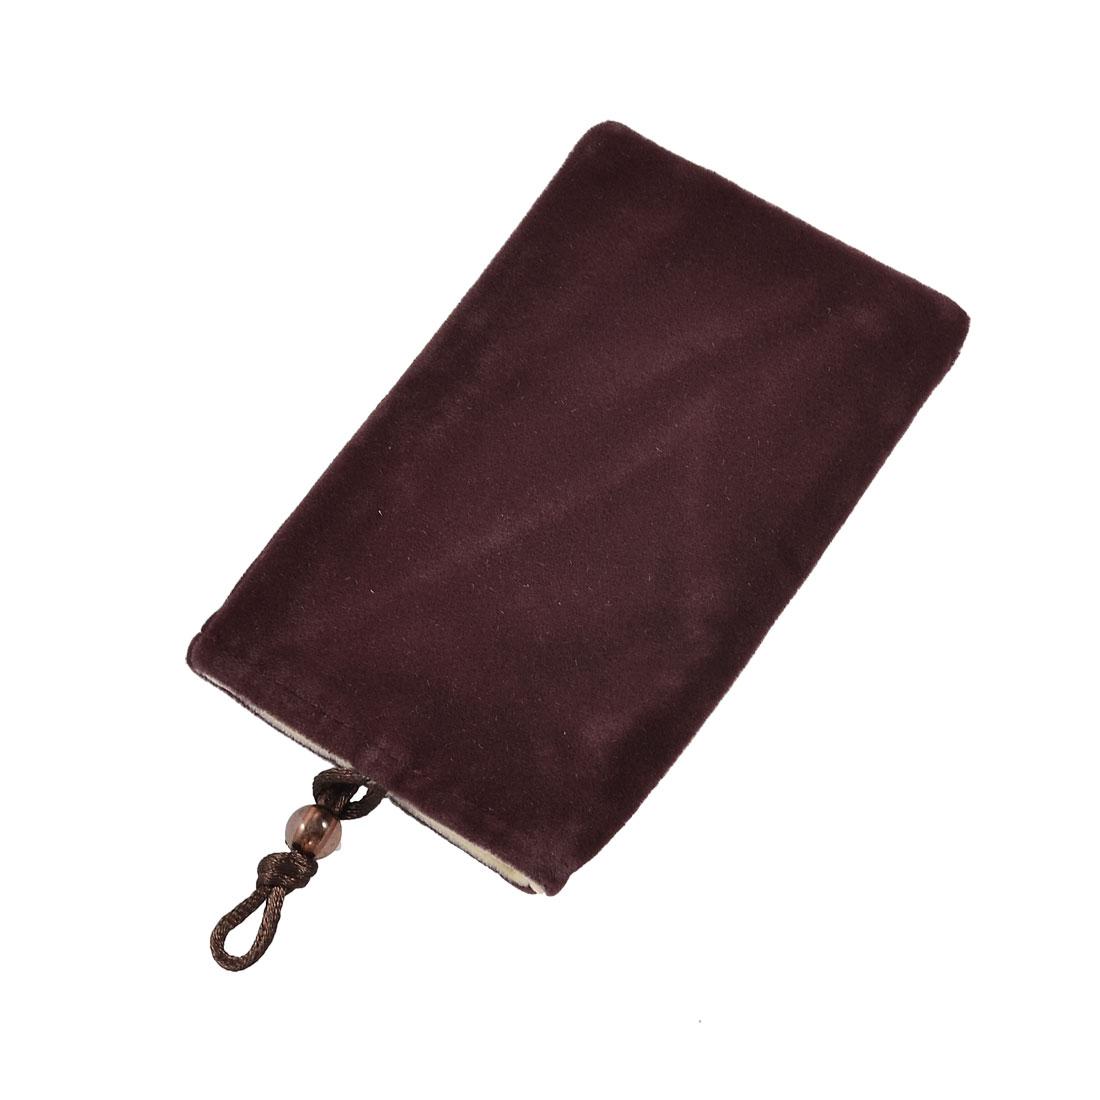 Beige Lining Burgundy Flannel Rectangle Shape Bag Holder for Phone